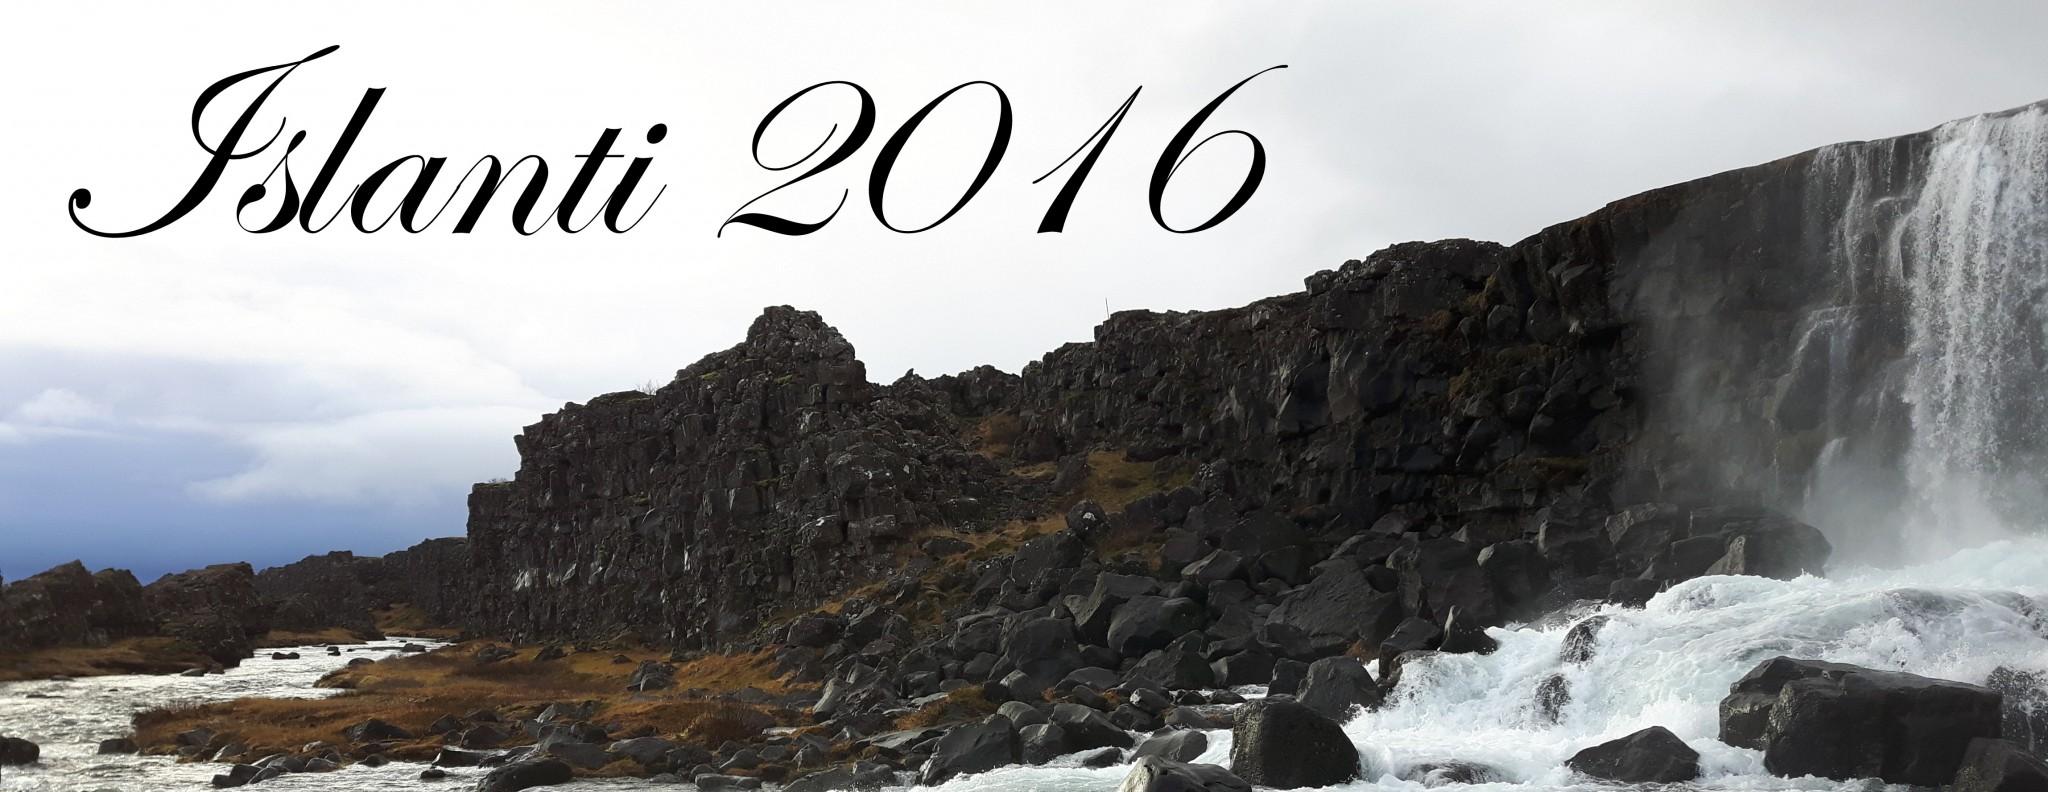 Islanti 2016